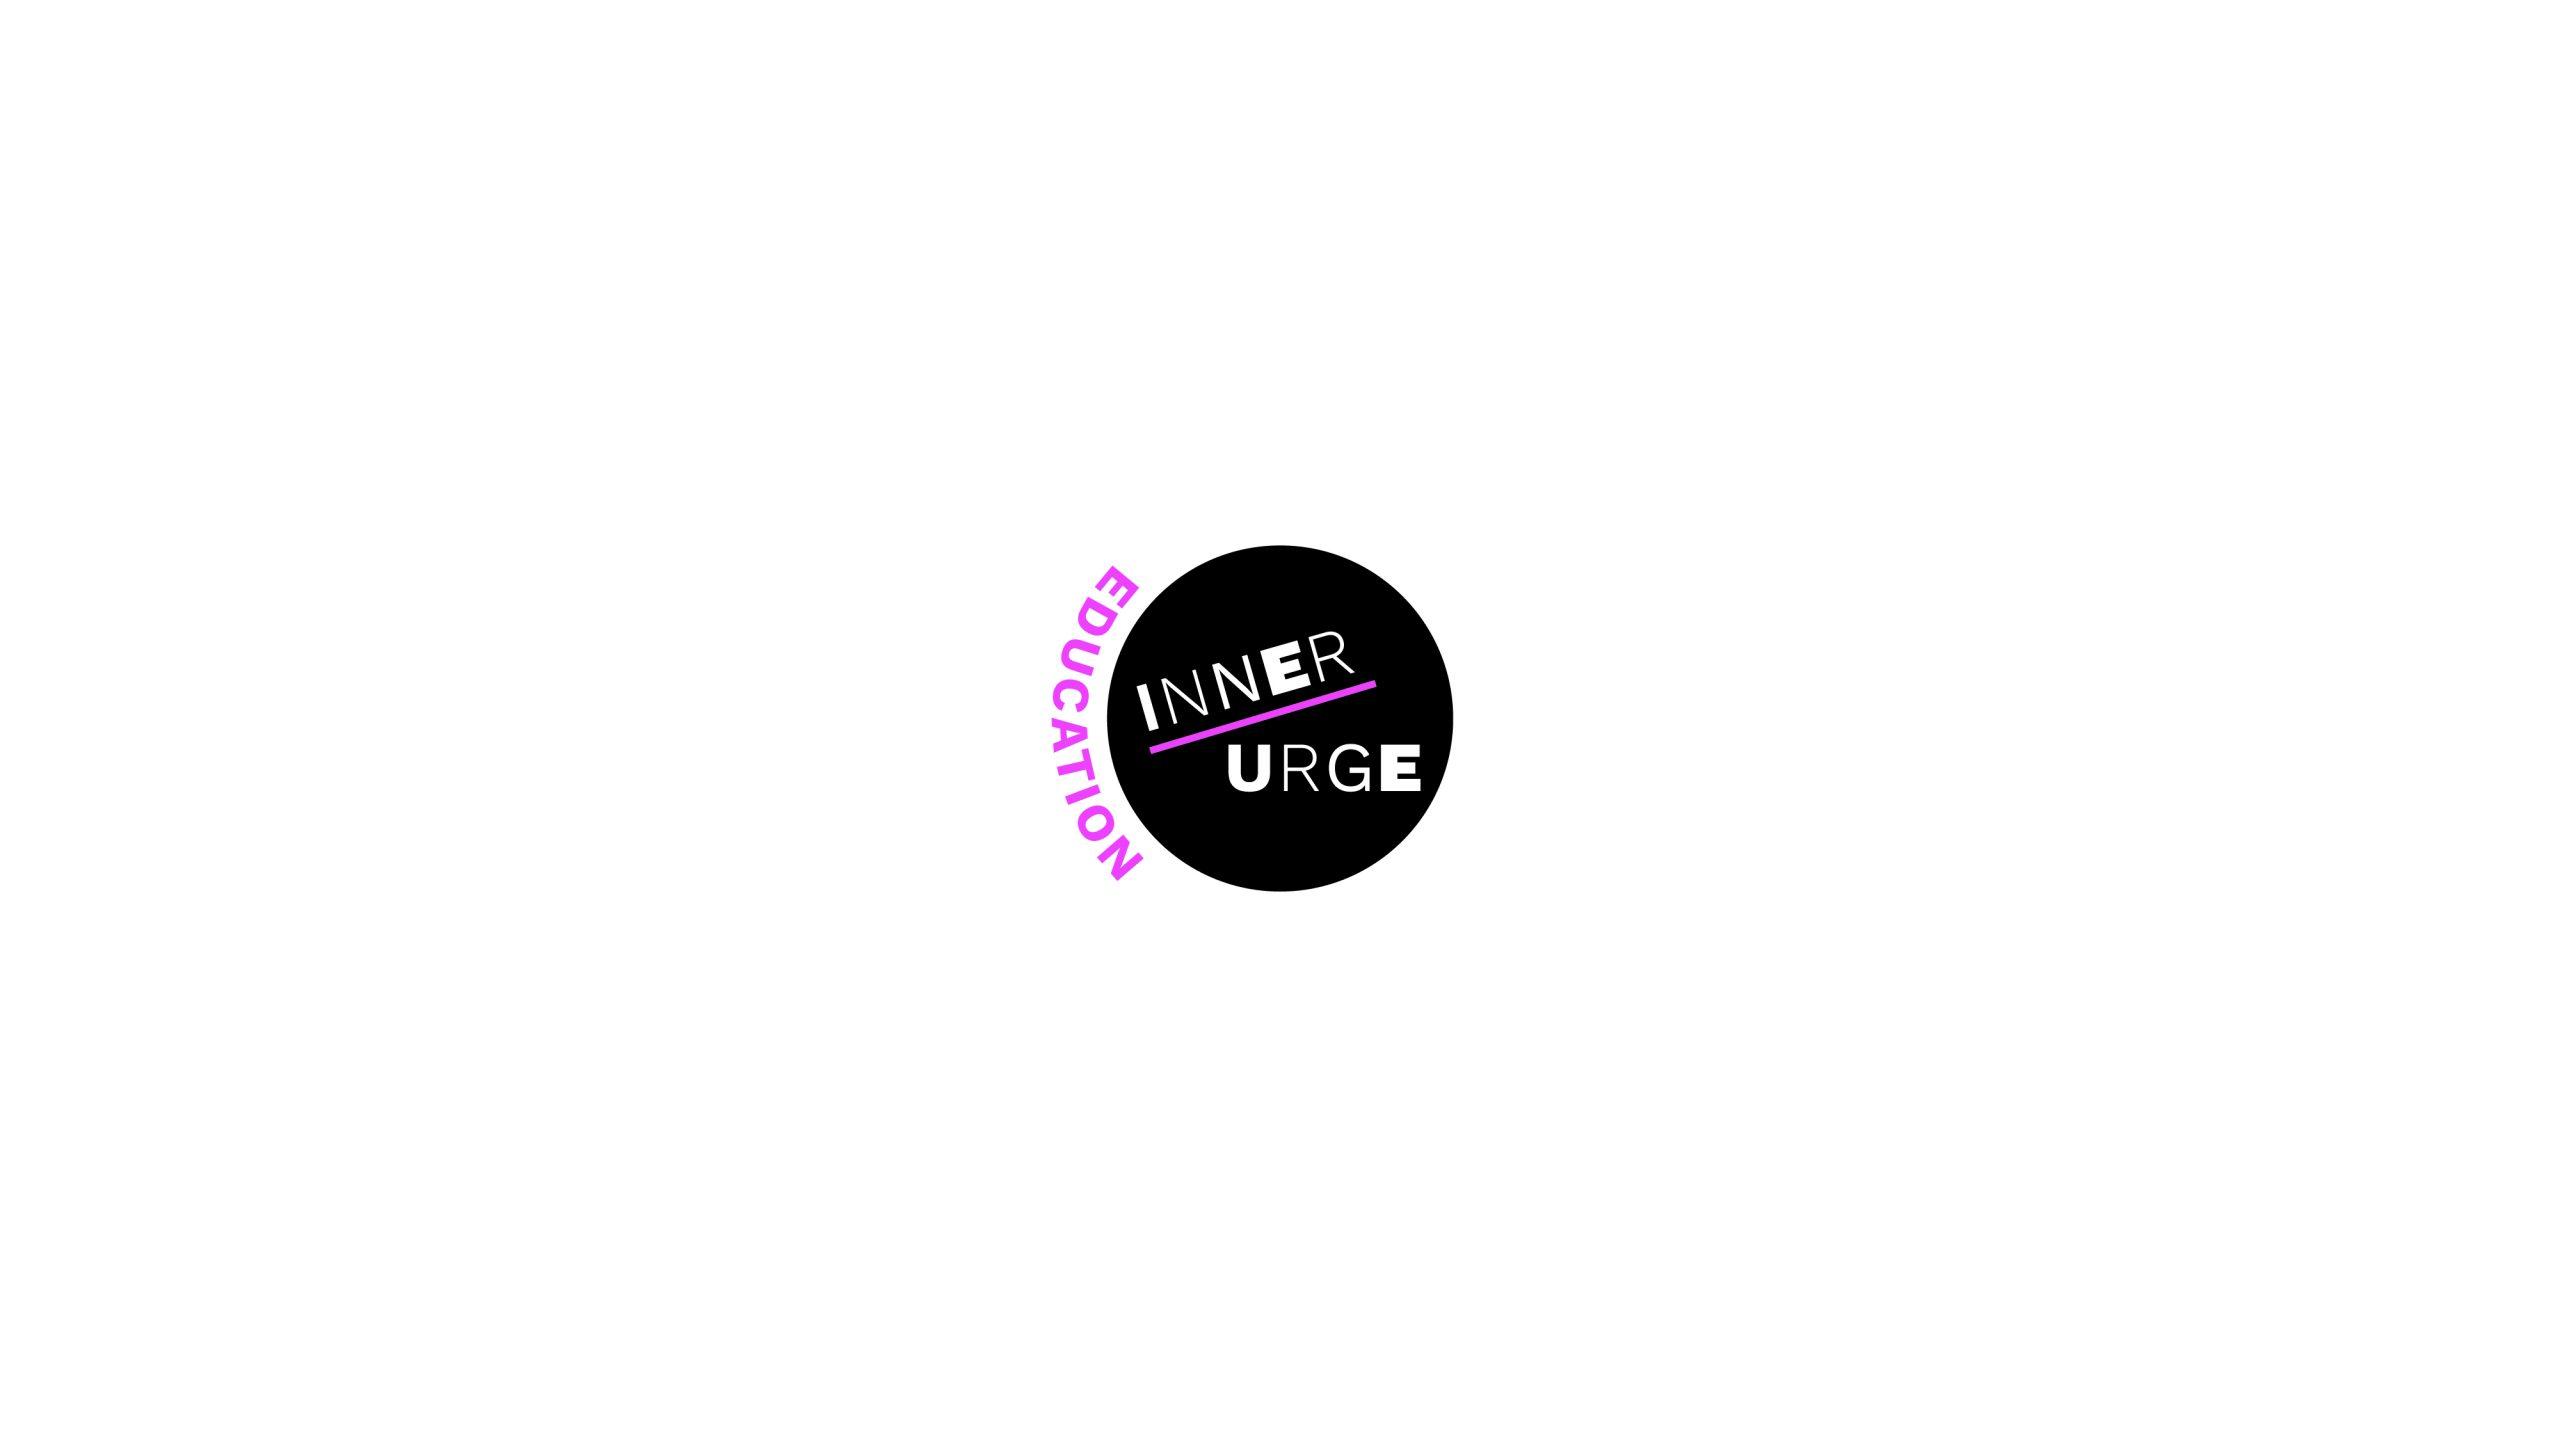 Inner_urge_sequenza_loghi_corretti-01-04